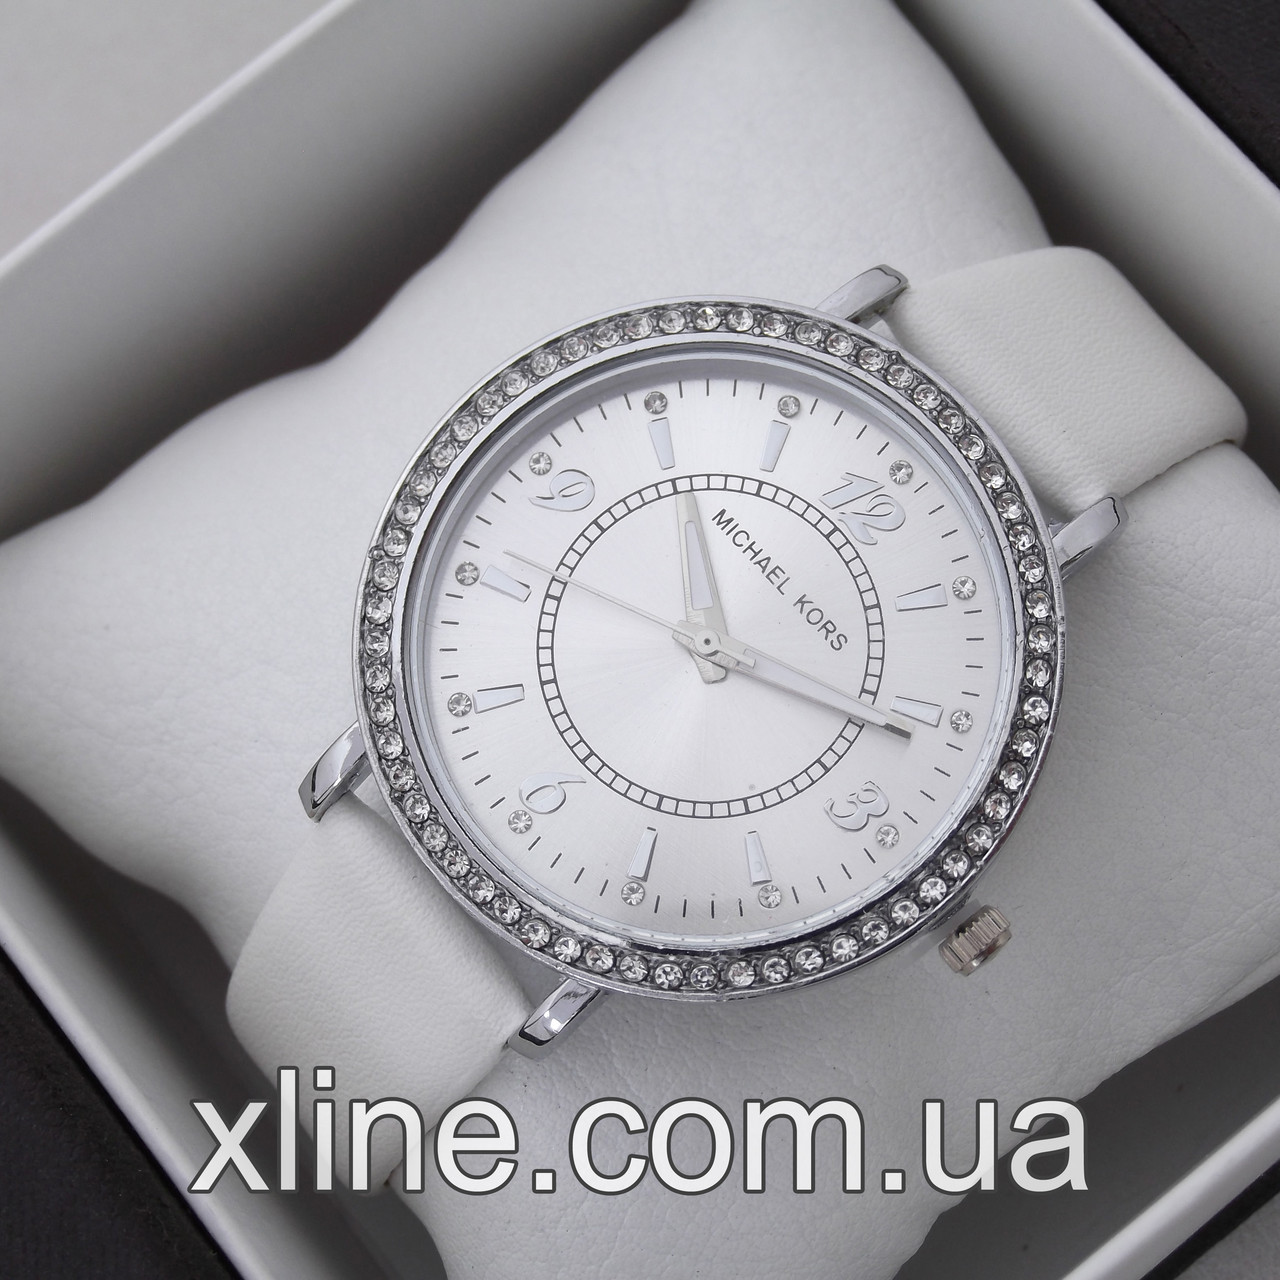 Женские наручные часы Michael Kors M275 на кожаном ремешке